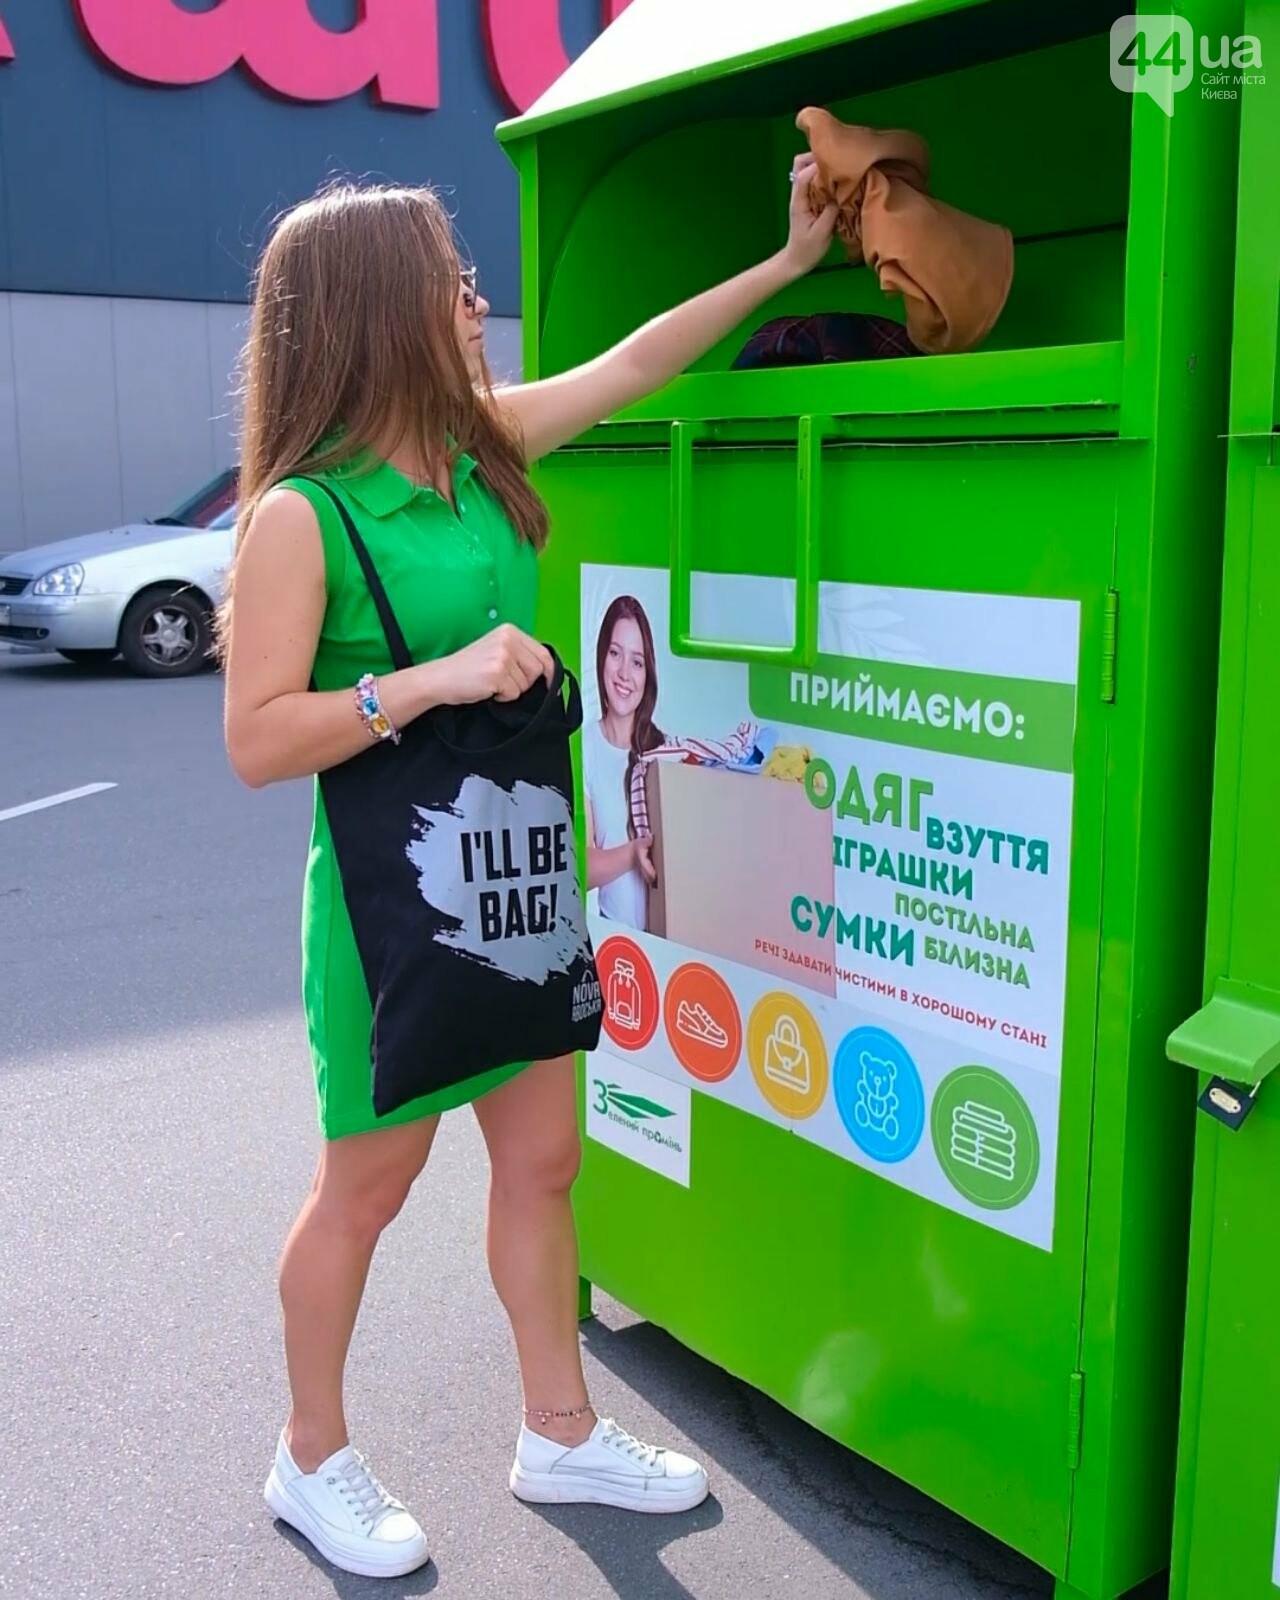 Будь сознательным! На парковке ТРЦ «Караван Outlet» установил контейнеры для приема вещей, фото-1